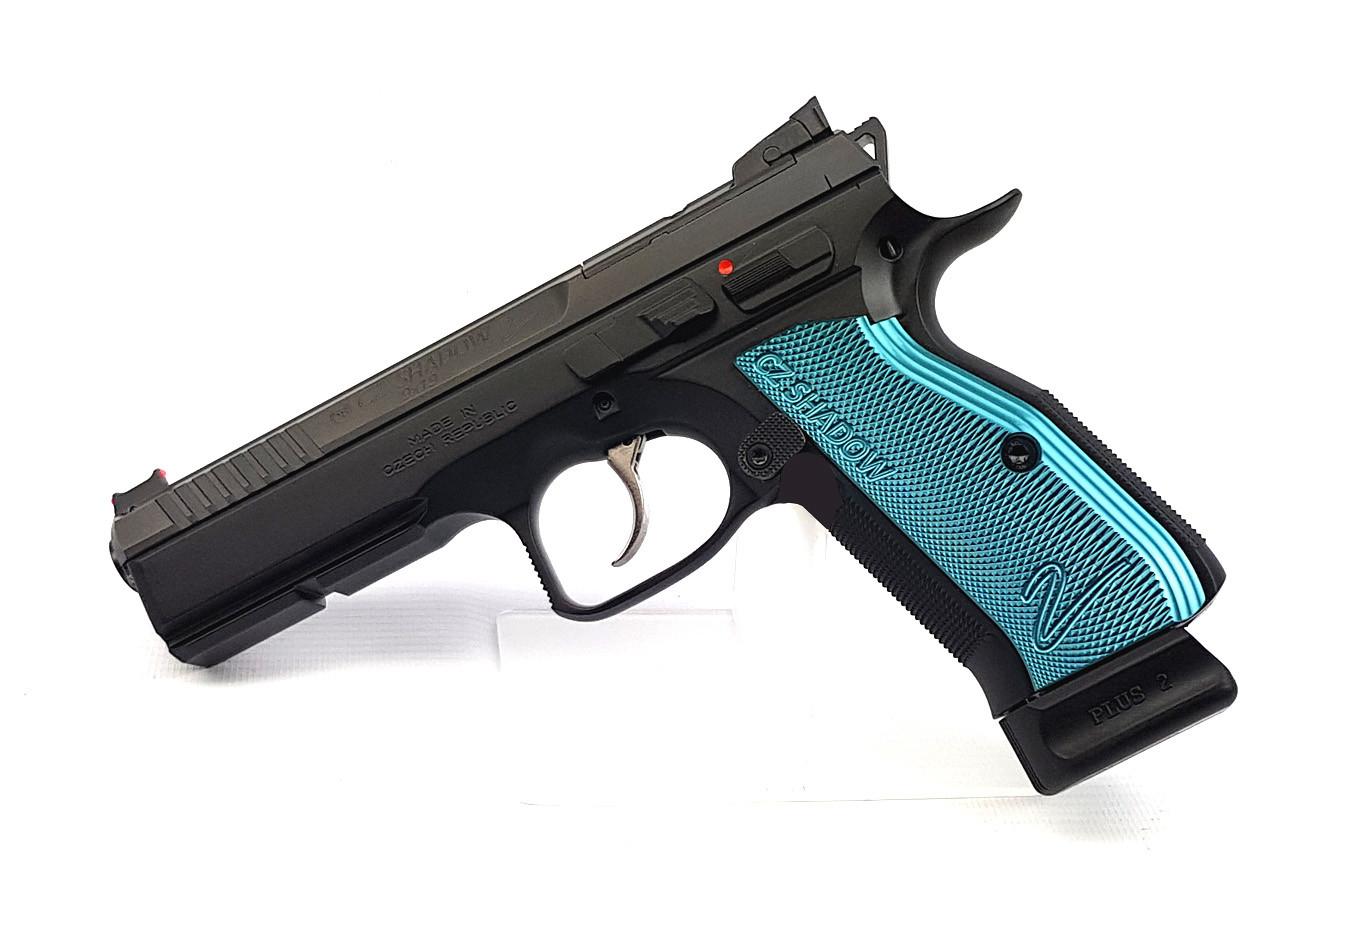 Pistole CZ SHADOW 2 OR (Optics Ready) 9 mm Luger Waffenstube Thalkirchen München Bayern Deutschland